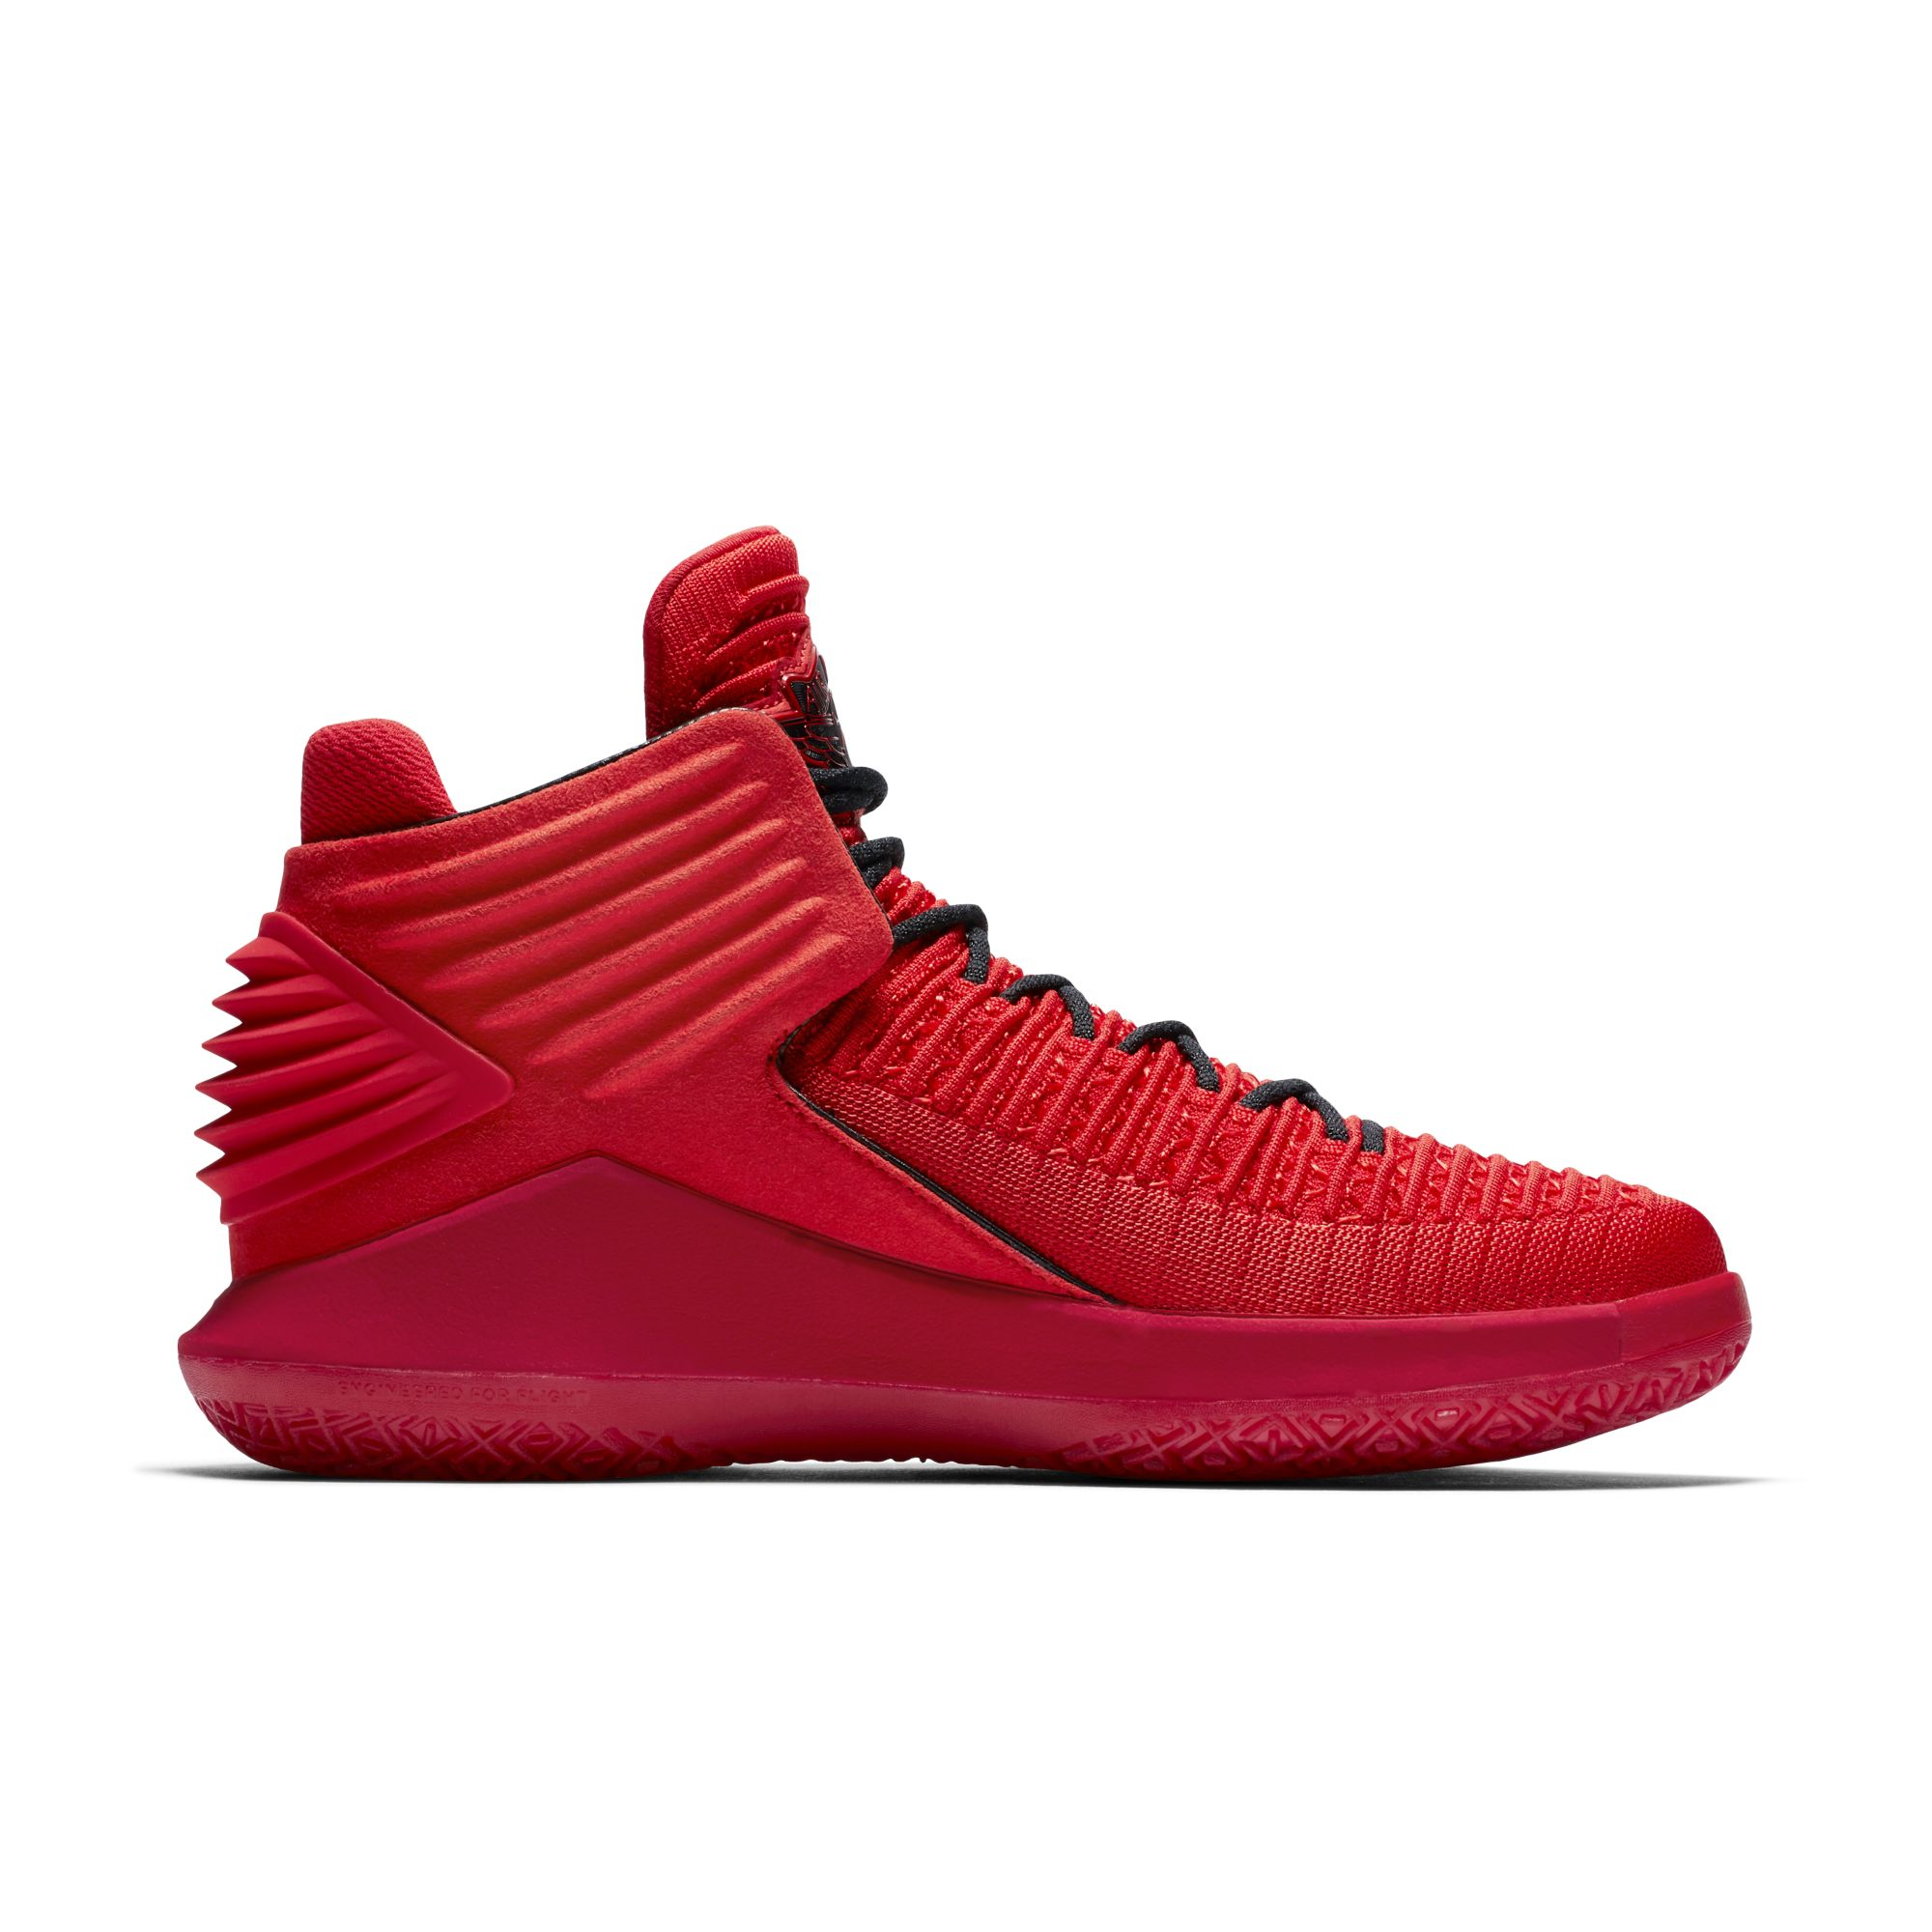 Air Jordan 32 Pies Rosso Corsa Taquilla kQfhID